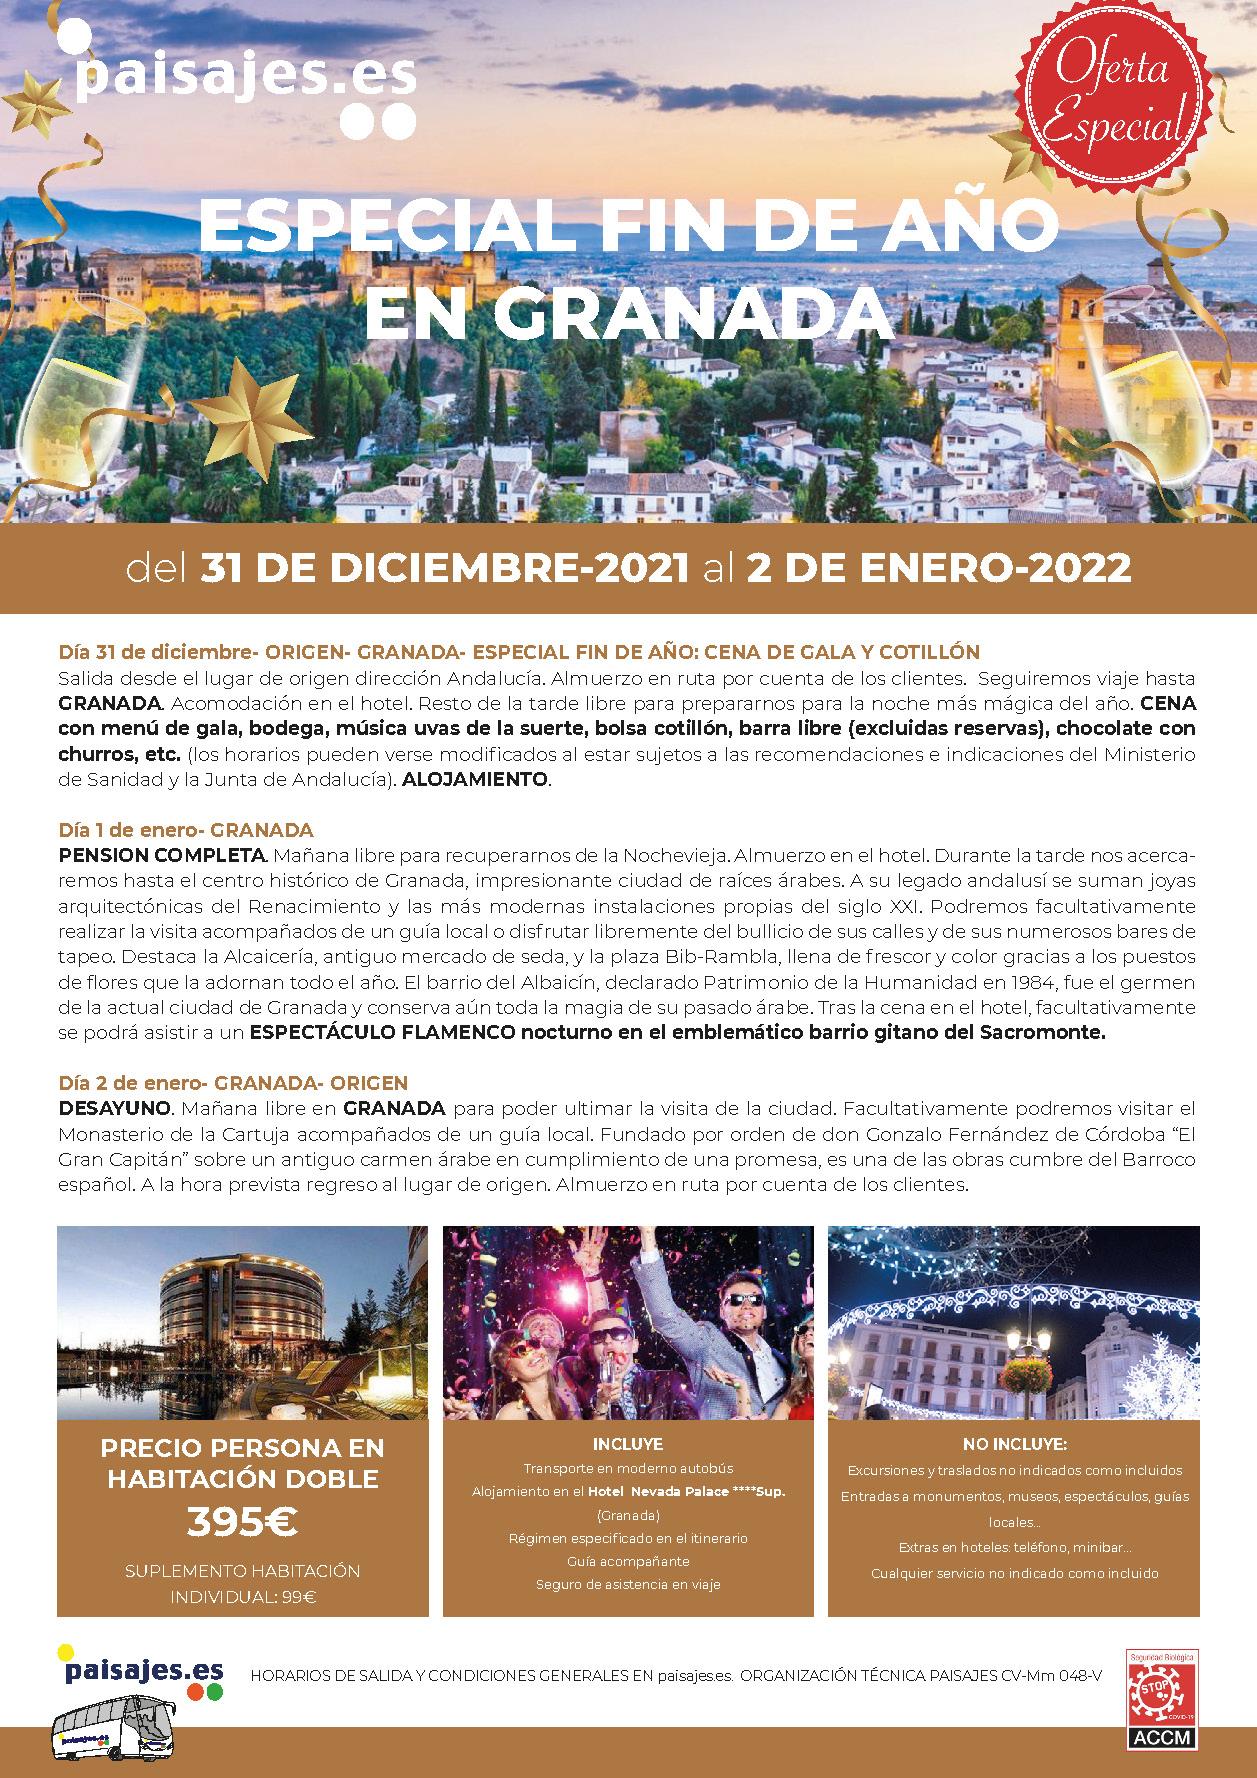 P Oferta Especial Paisajes Fin de Anio 2021-2022 en Granada salidas desde la Comunidad Valenciana